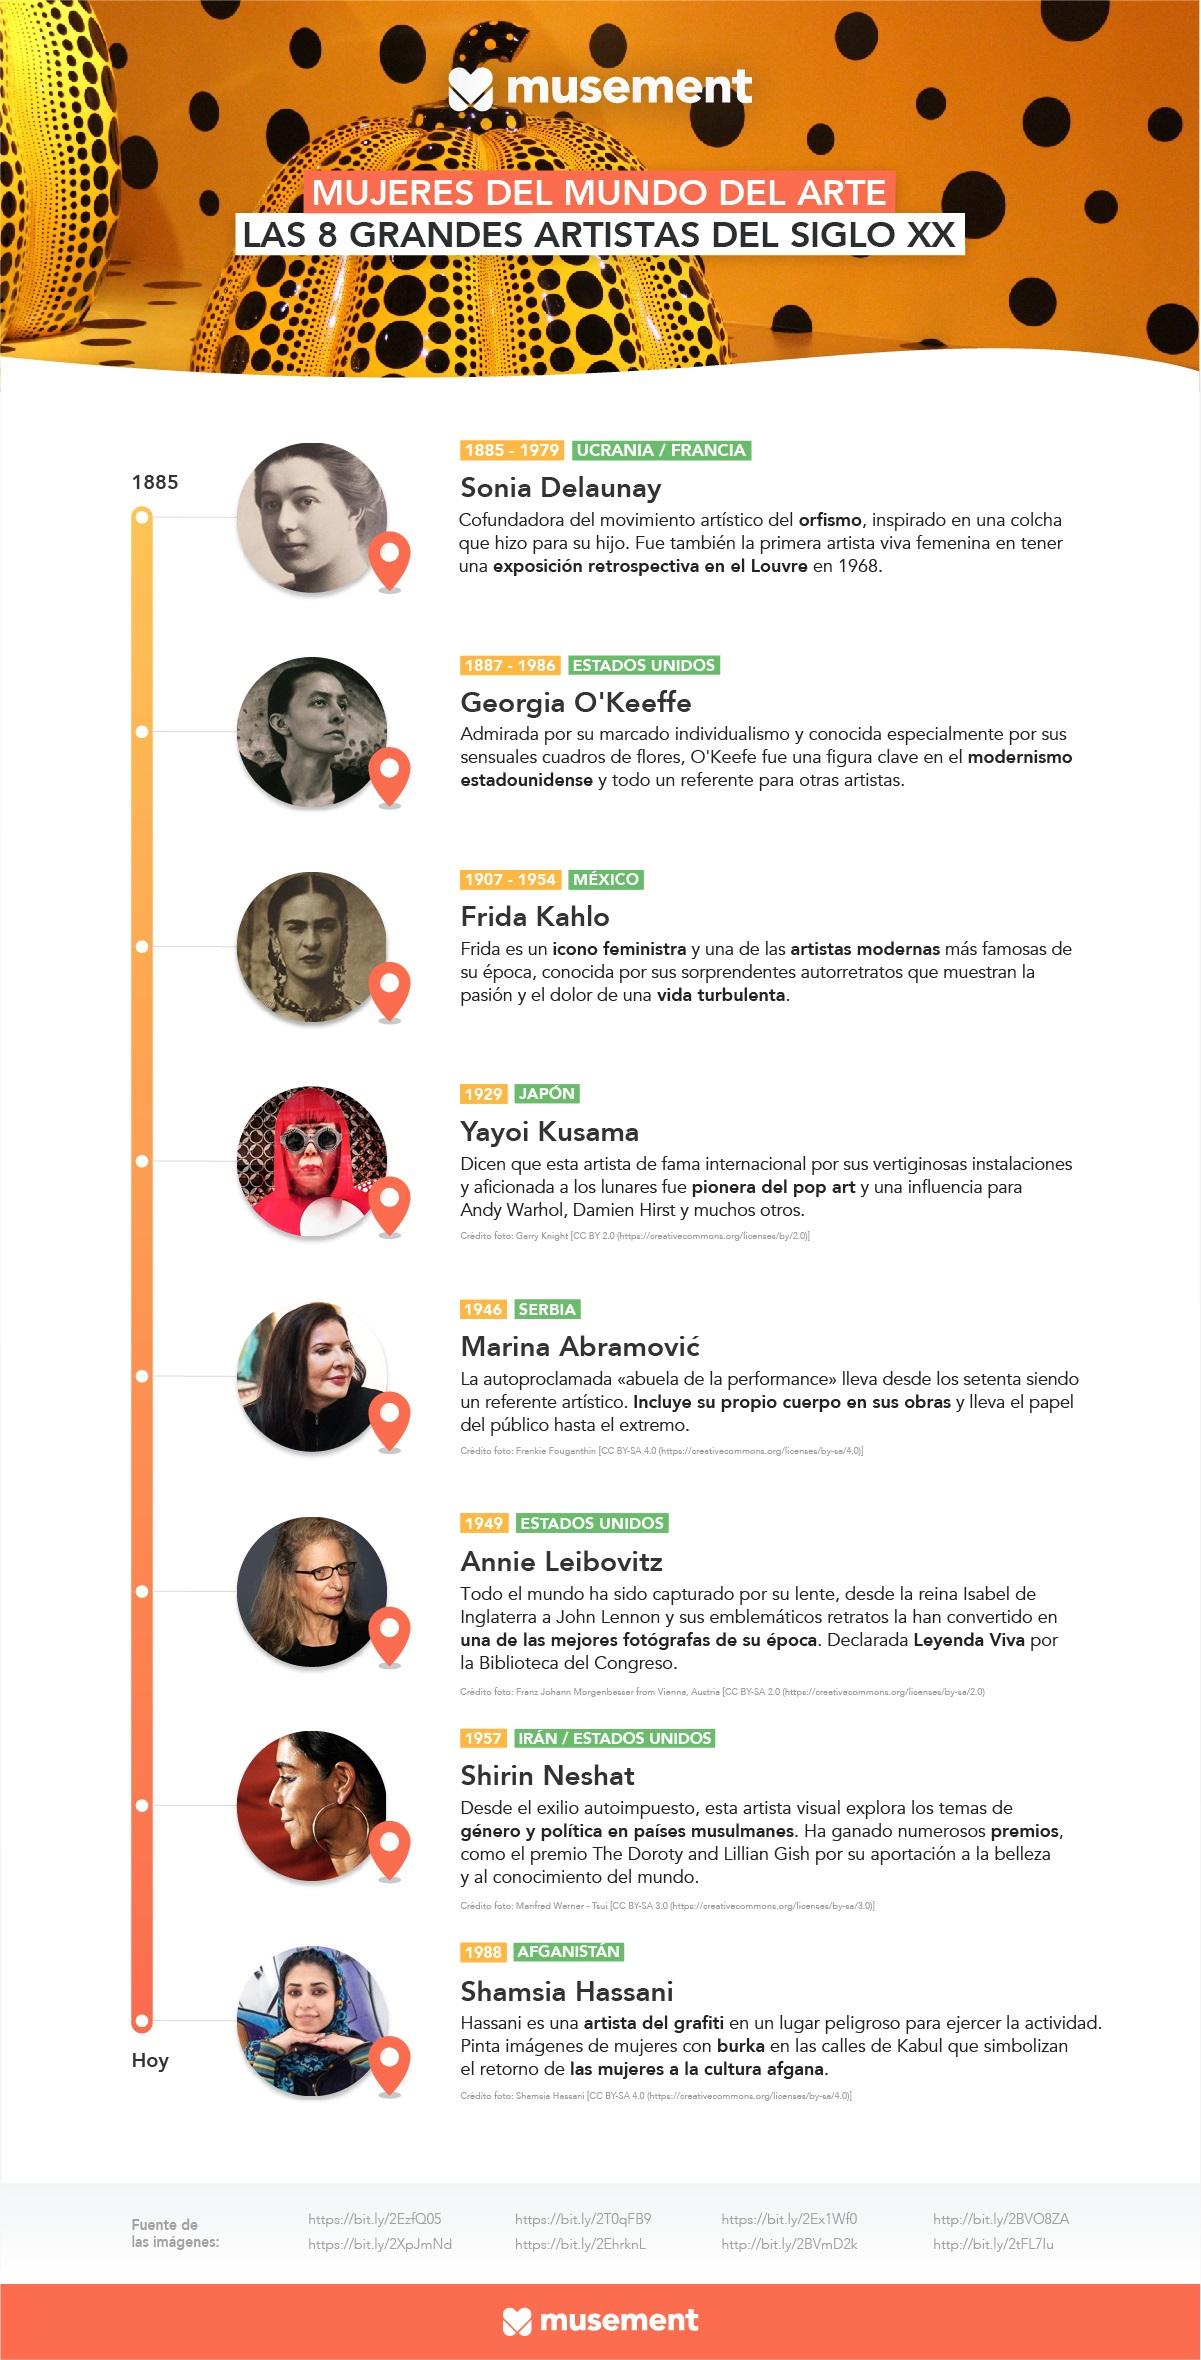 Las 8 grandes artistas del siglo XX